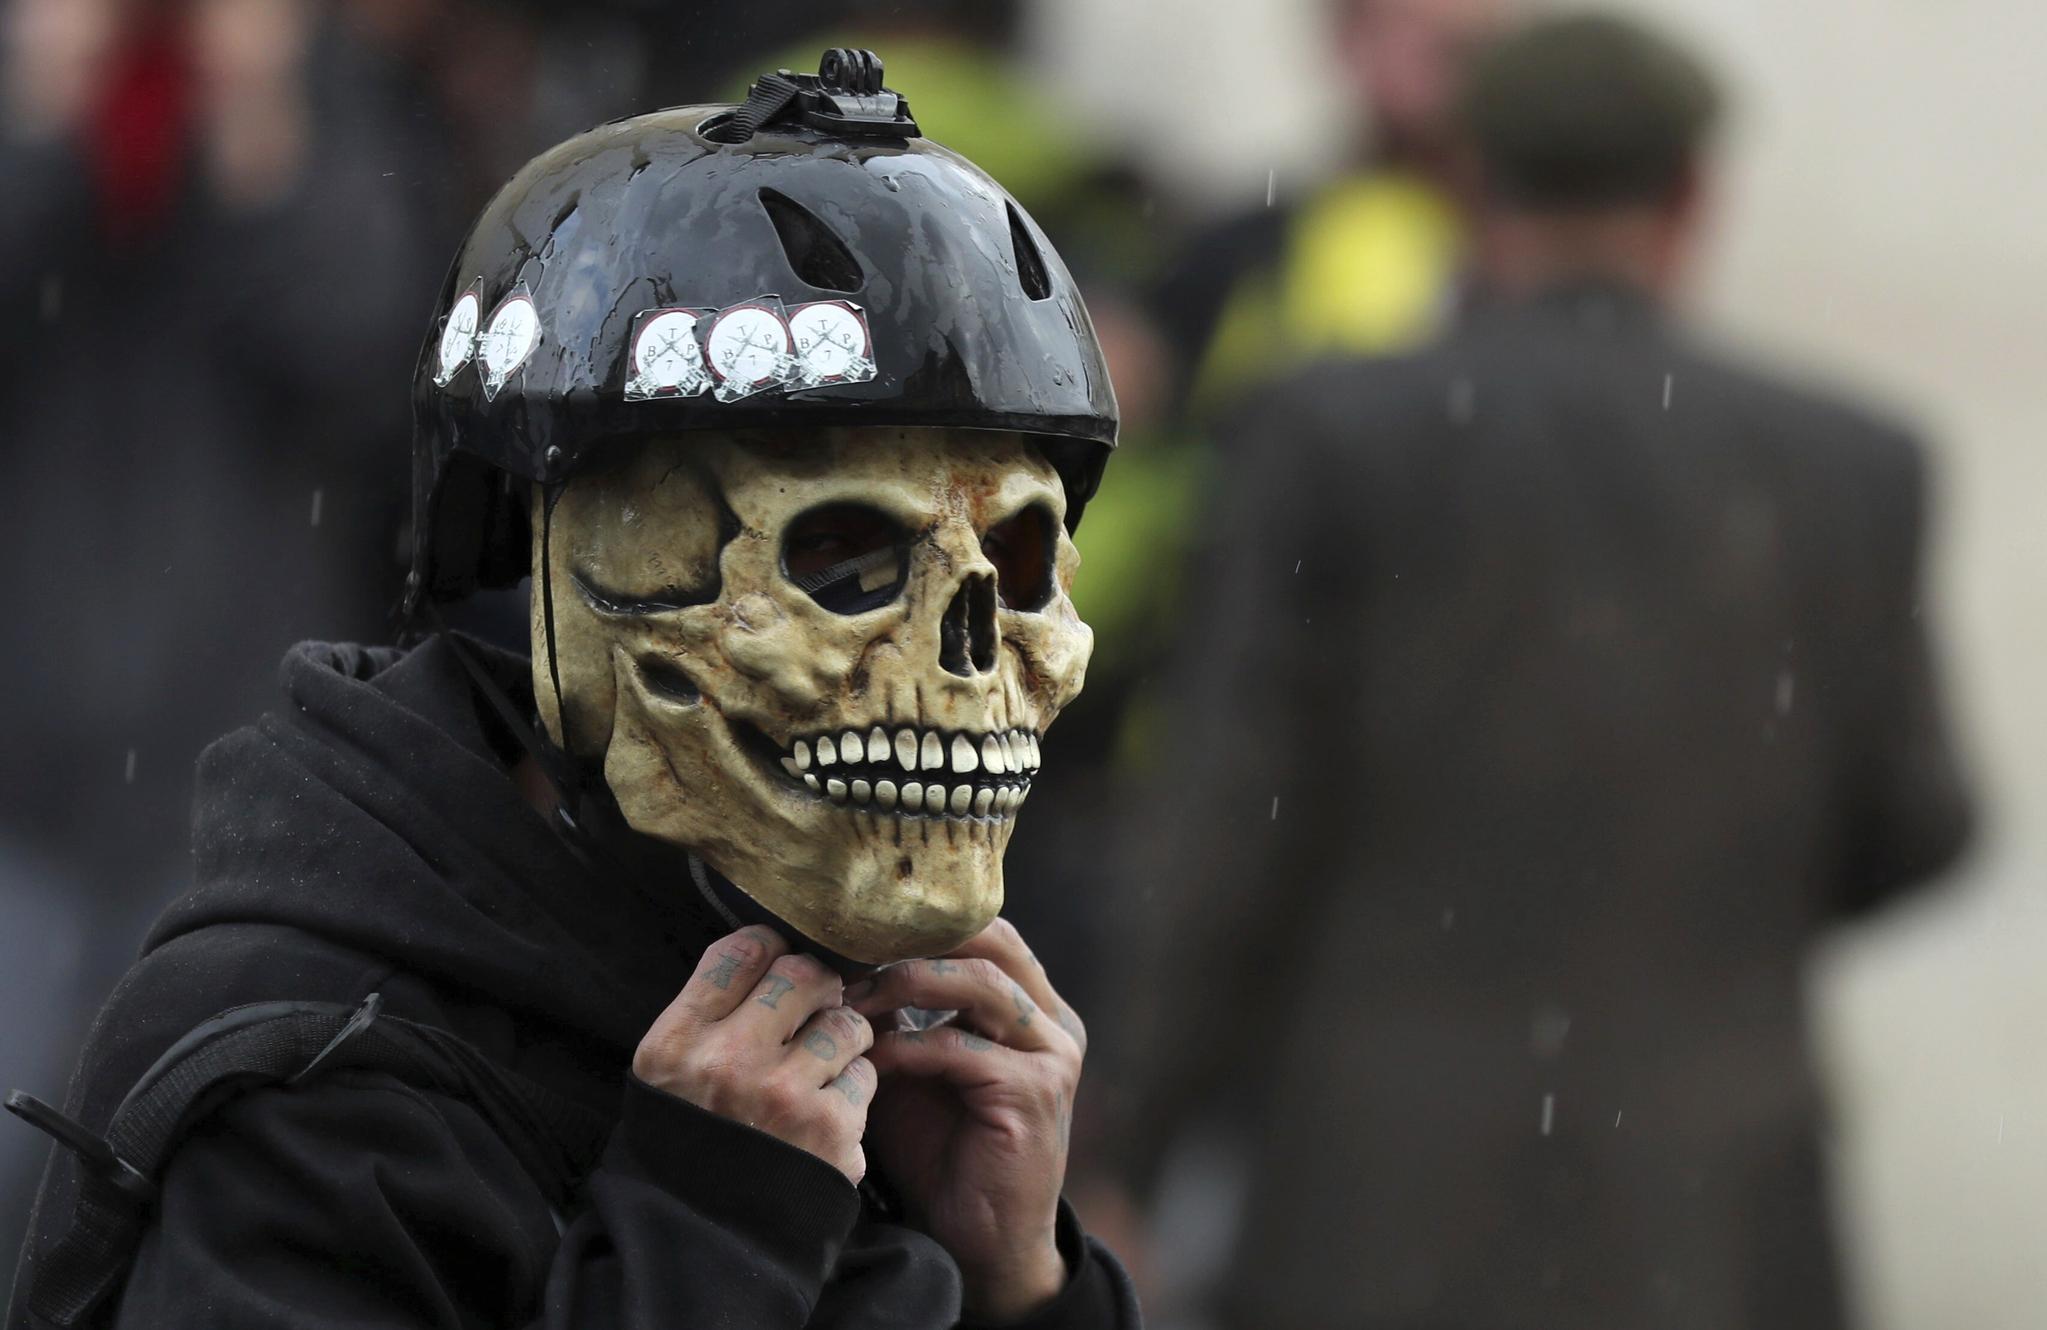 콜롬비아 수도 보고타의 한 반정부 시위대가 해골 가면을 쓰고 있다. [AP=연합뉴스]